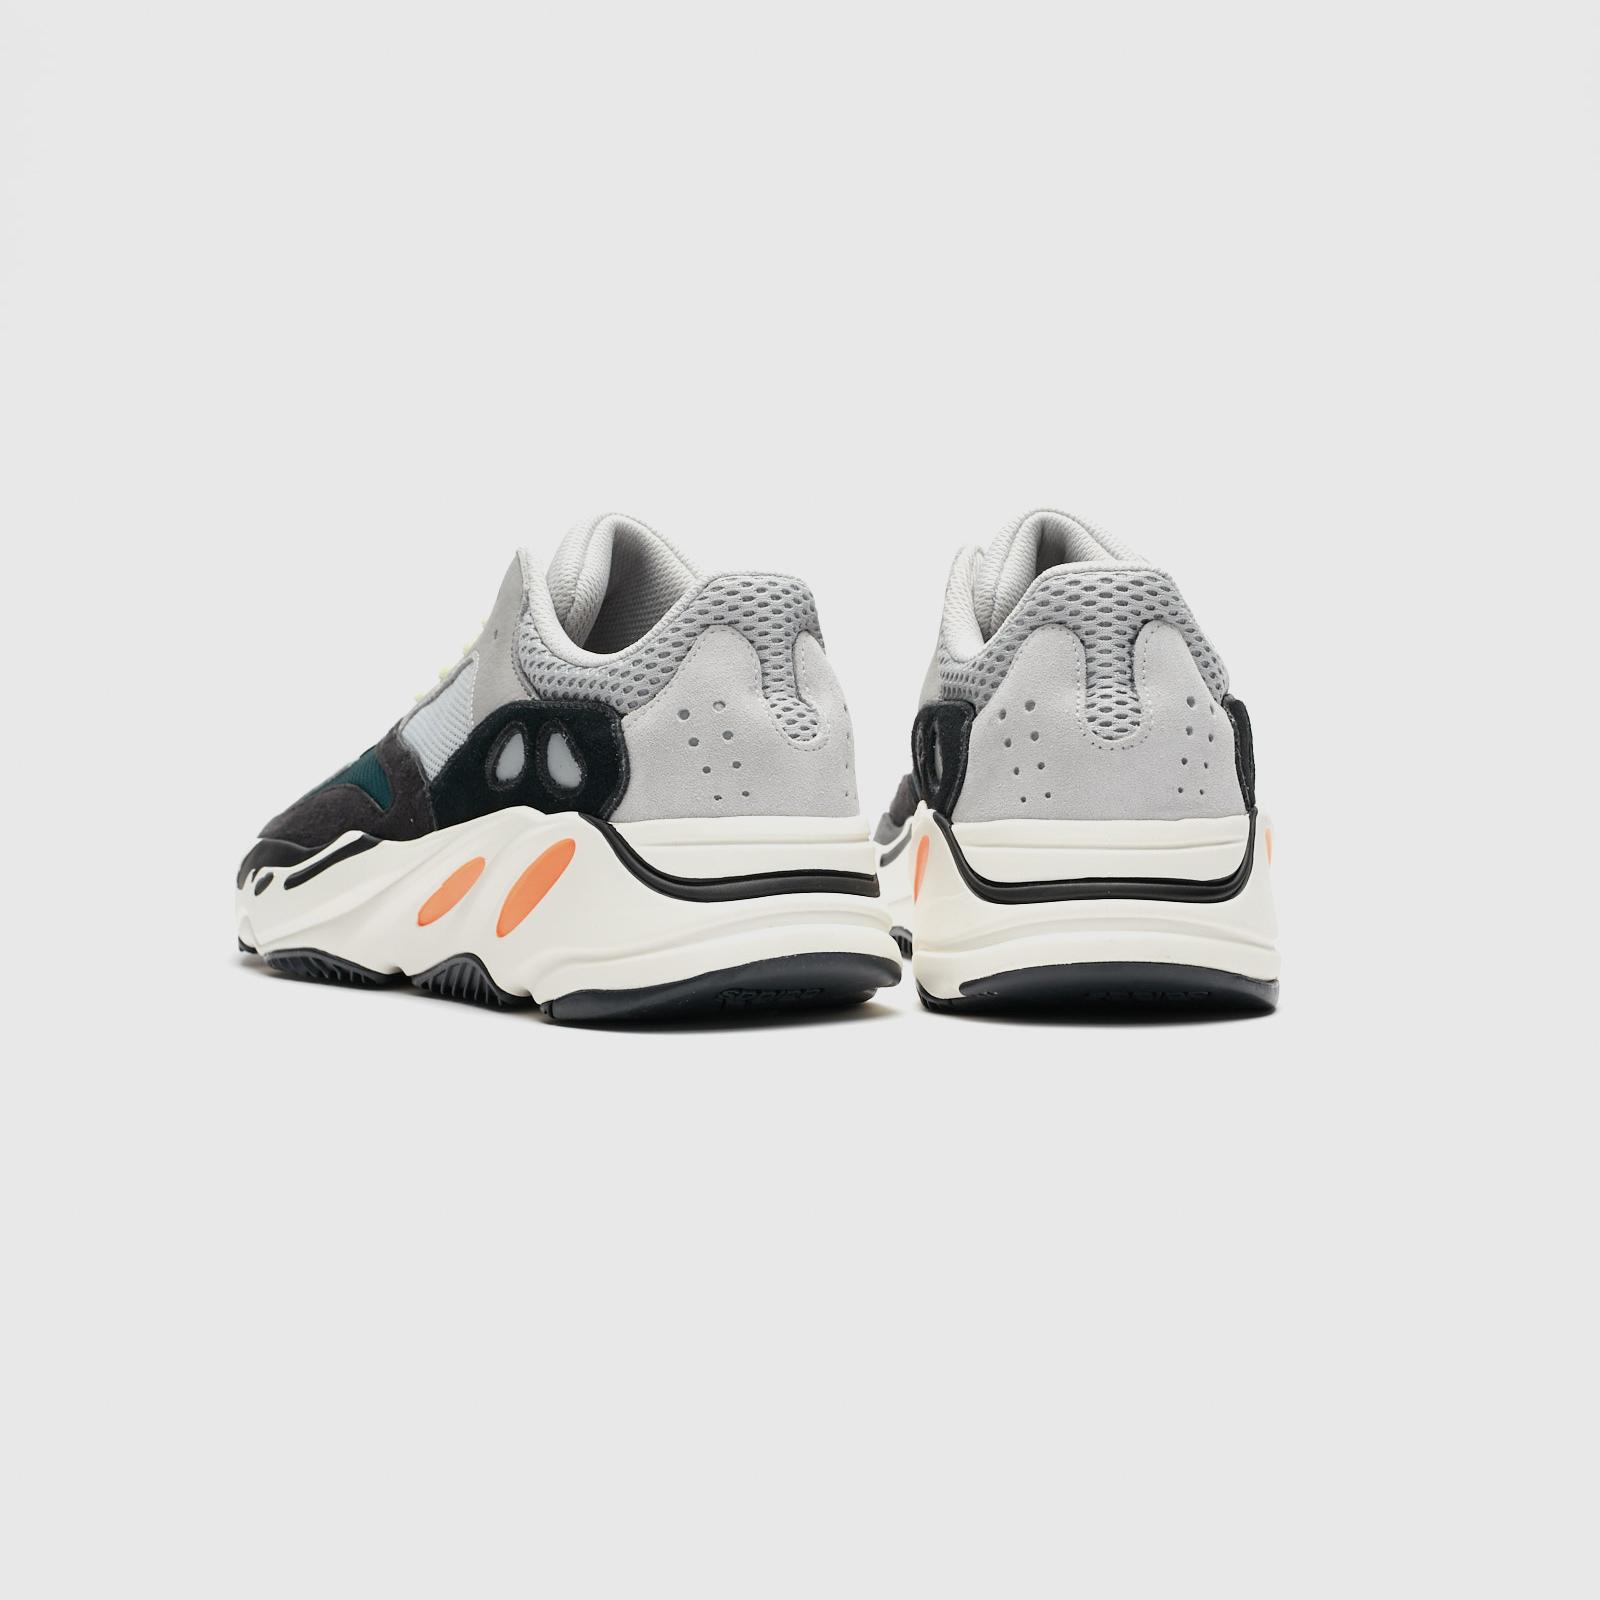 1538d1eee adidas Yeezy Boost 700 - B75571 - Sneakersnstuff